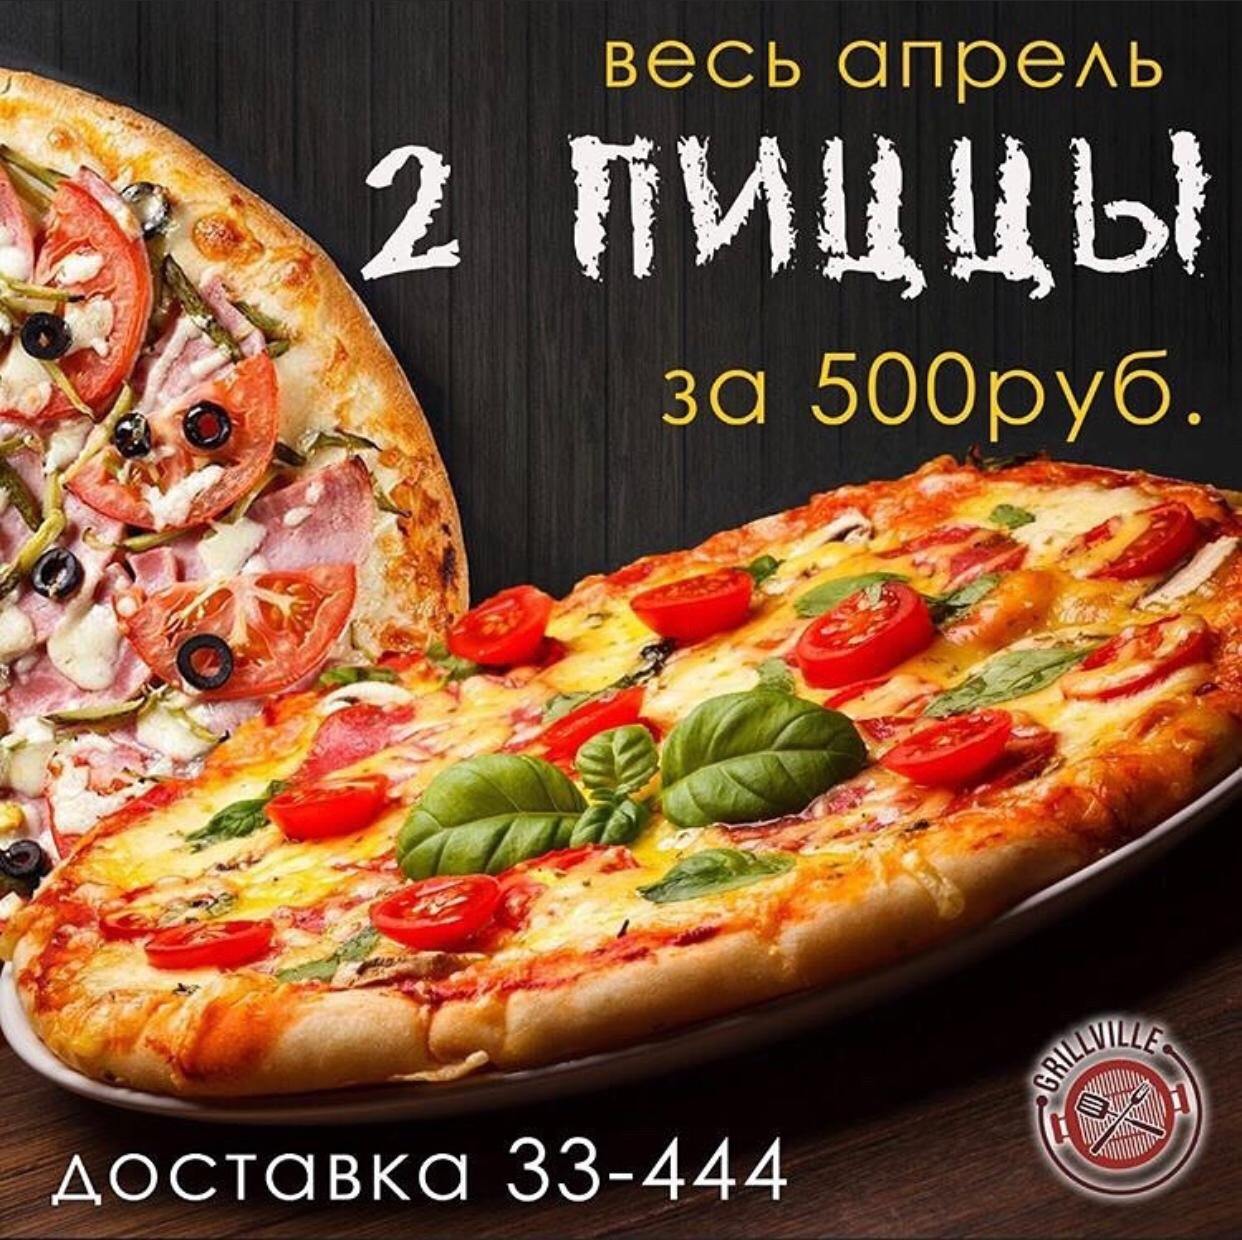 Акция! 2 пиццы за 500 руб.